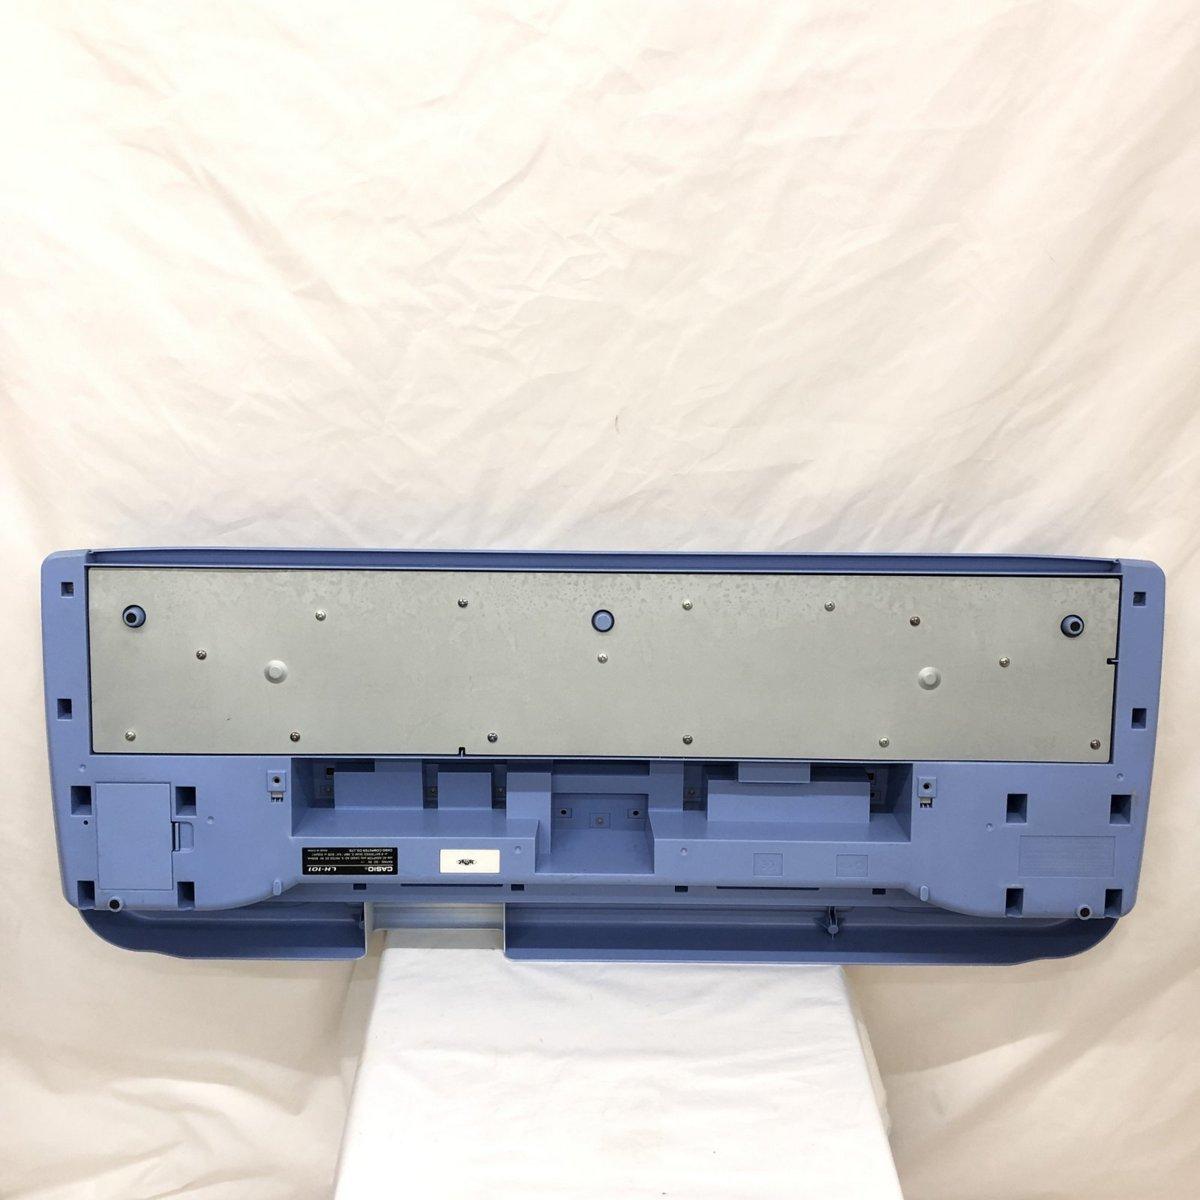 中古 CASIO カシオ 電子キーボード 光ナビゲーション LK-101 61鍵盤 グレー ブルー ポップカラー 電子ピアノ 鍵盤楽器 H15605_画像2